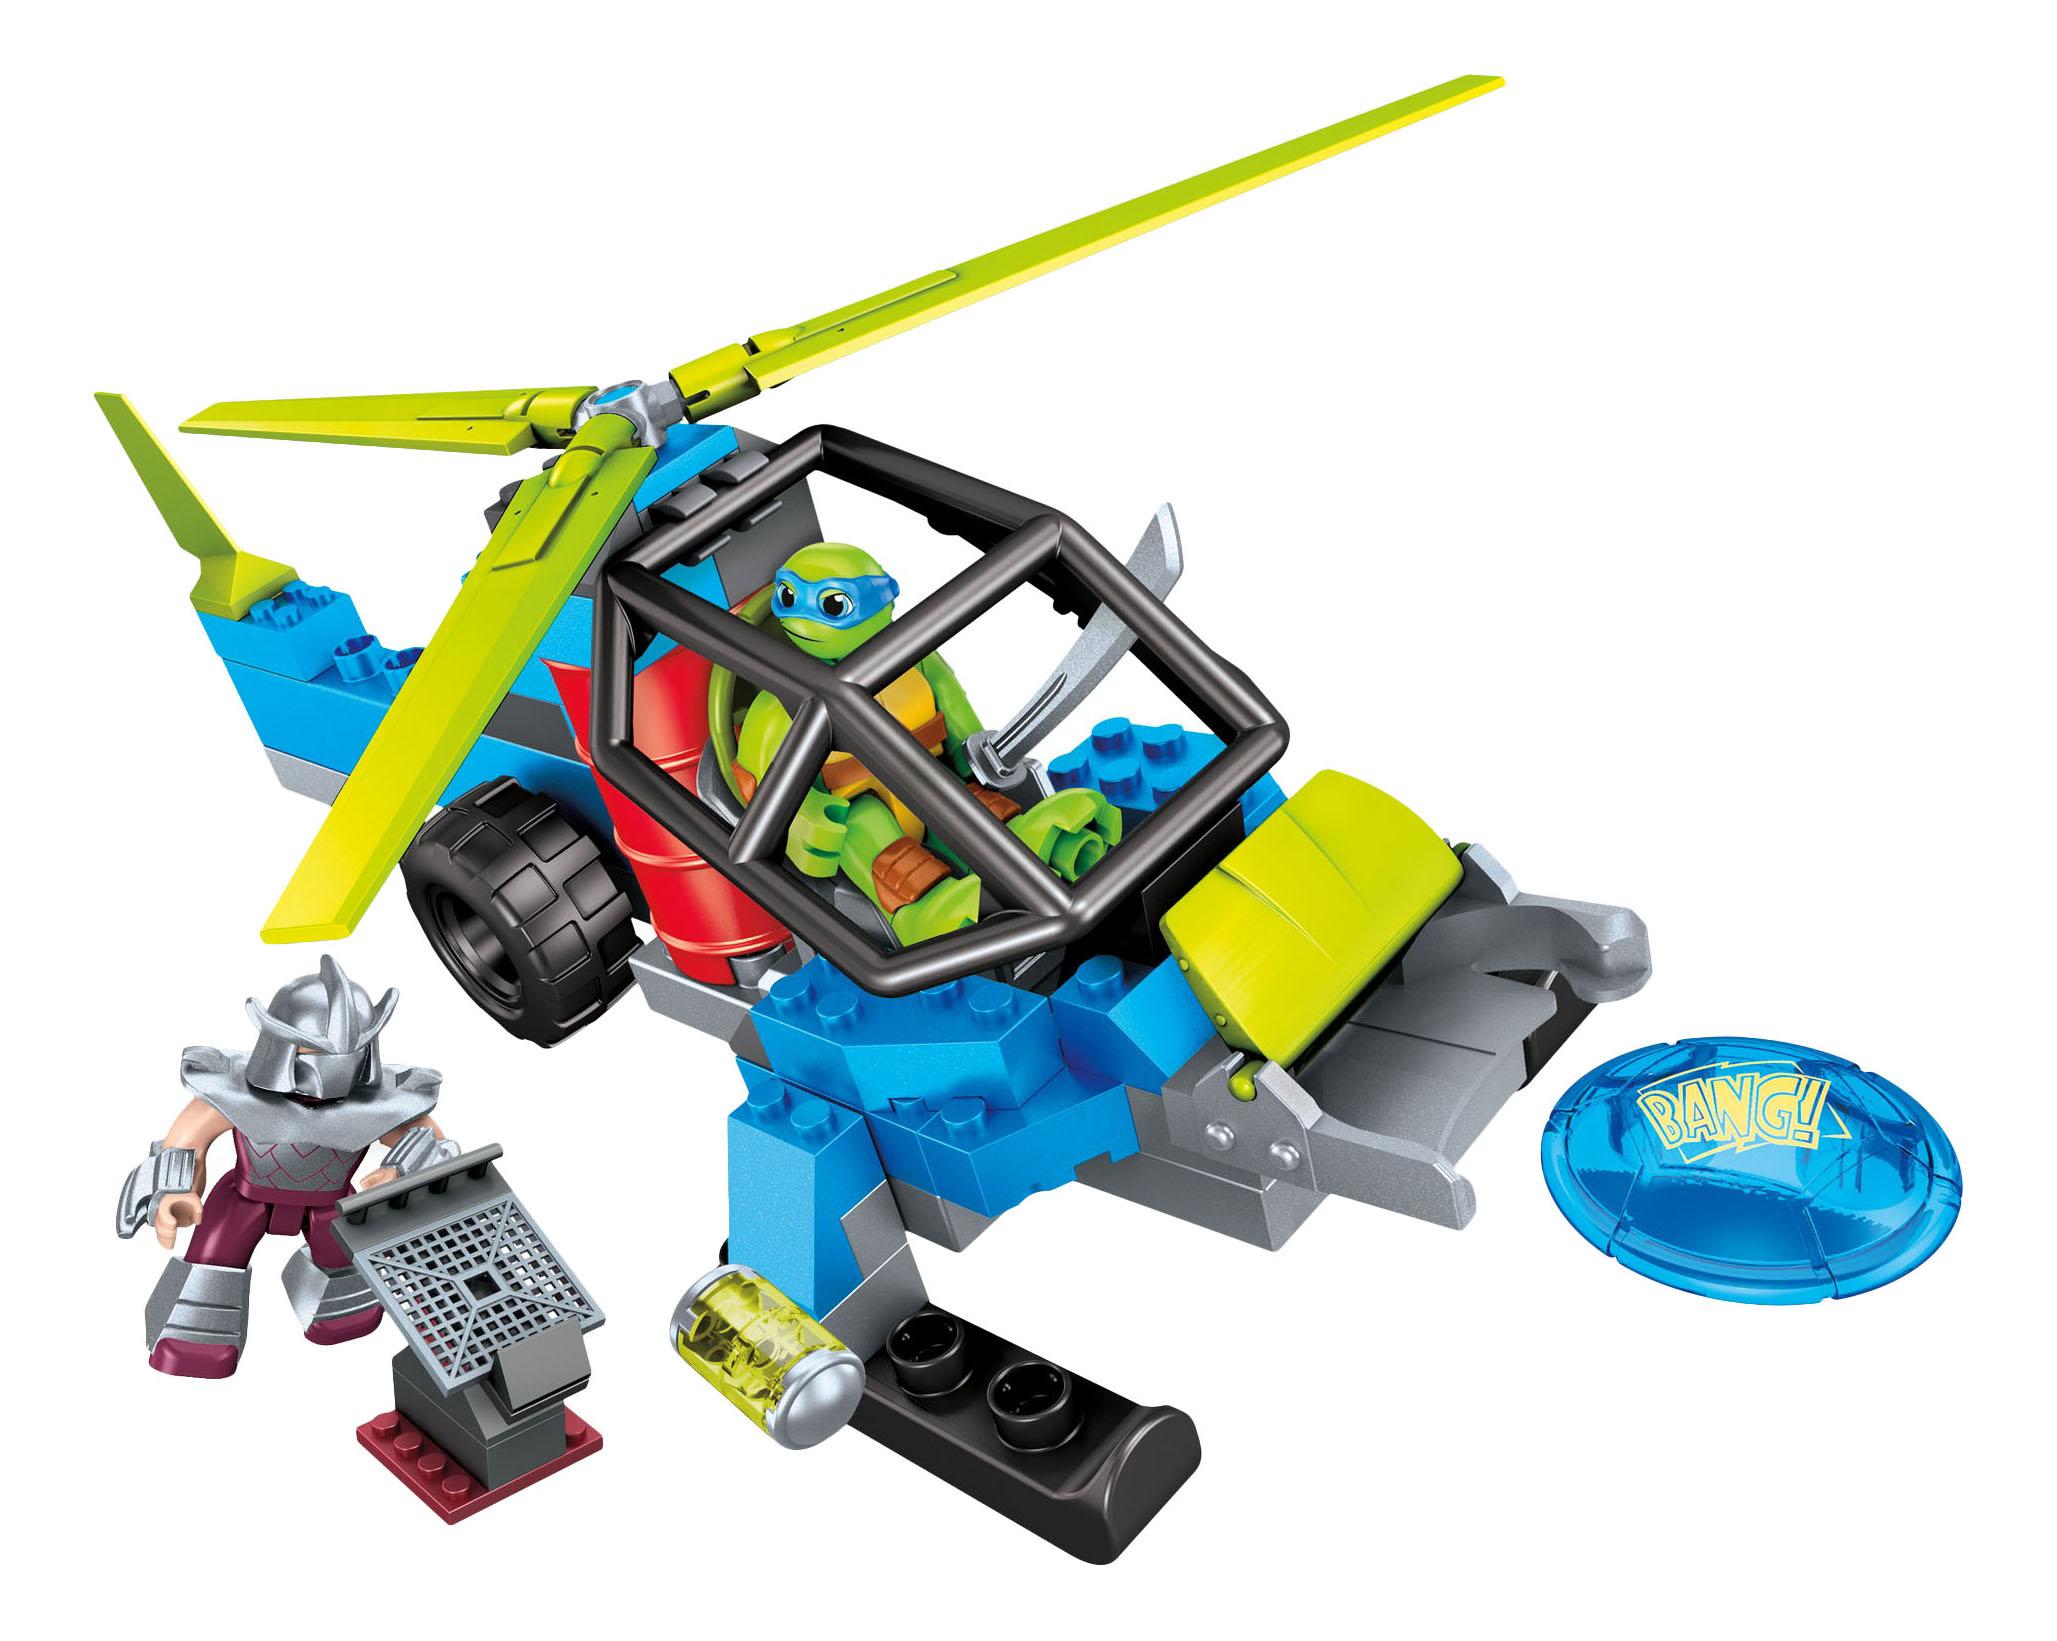 Купить Черепаший вертолёт, Конструктор черепашки-малыши: черепаший вертолёт, Mega Bloks, Конструкторы пластмассовые